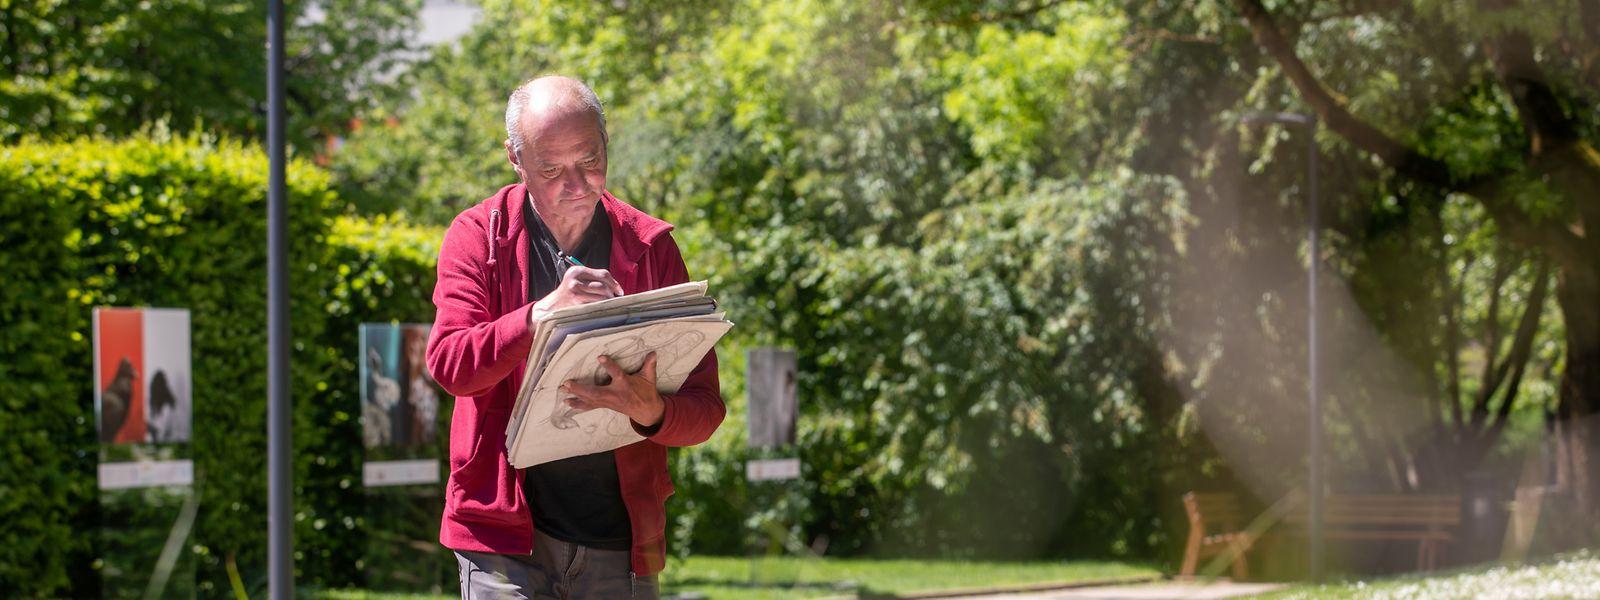 Der 60-Jährige ist im Alter von zwei Jahren aus Italien nach Luxemburg gekommen. Der Merler Park istseitdem eine Konstante in seinem Leben.